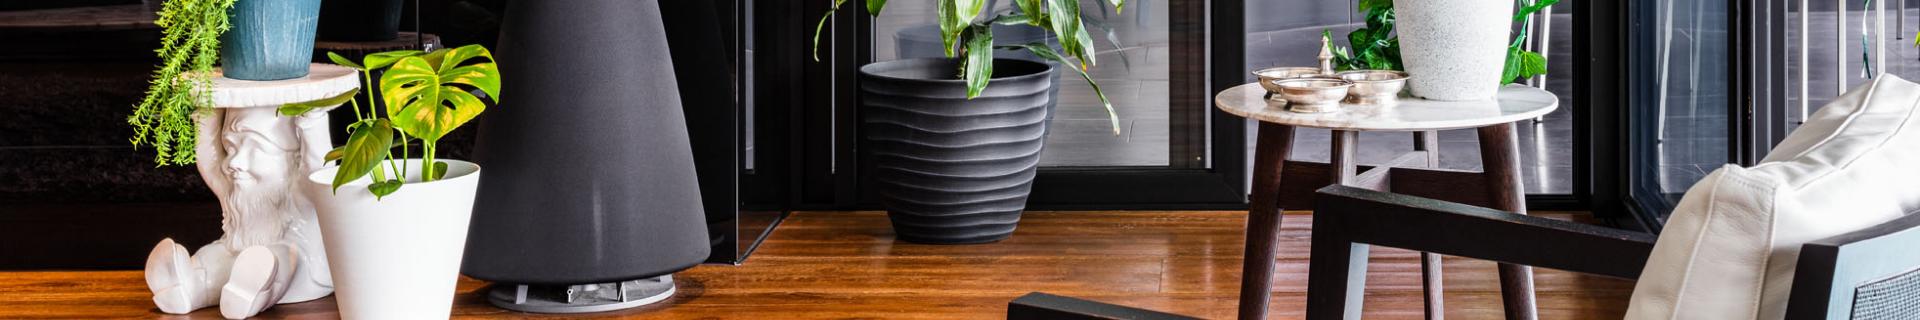 Living room interior with 4 indoor plants using Eden pots